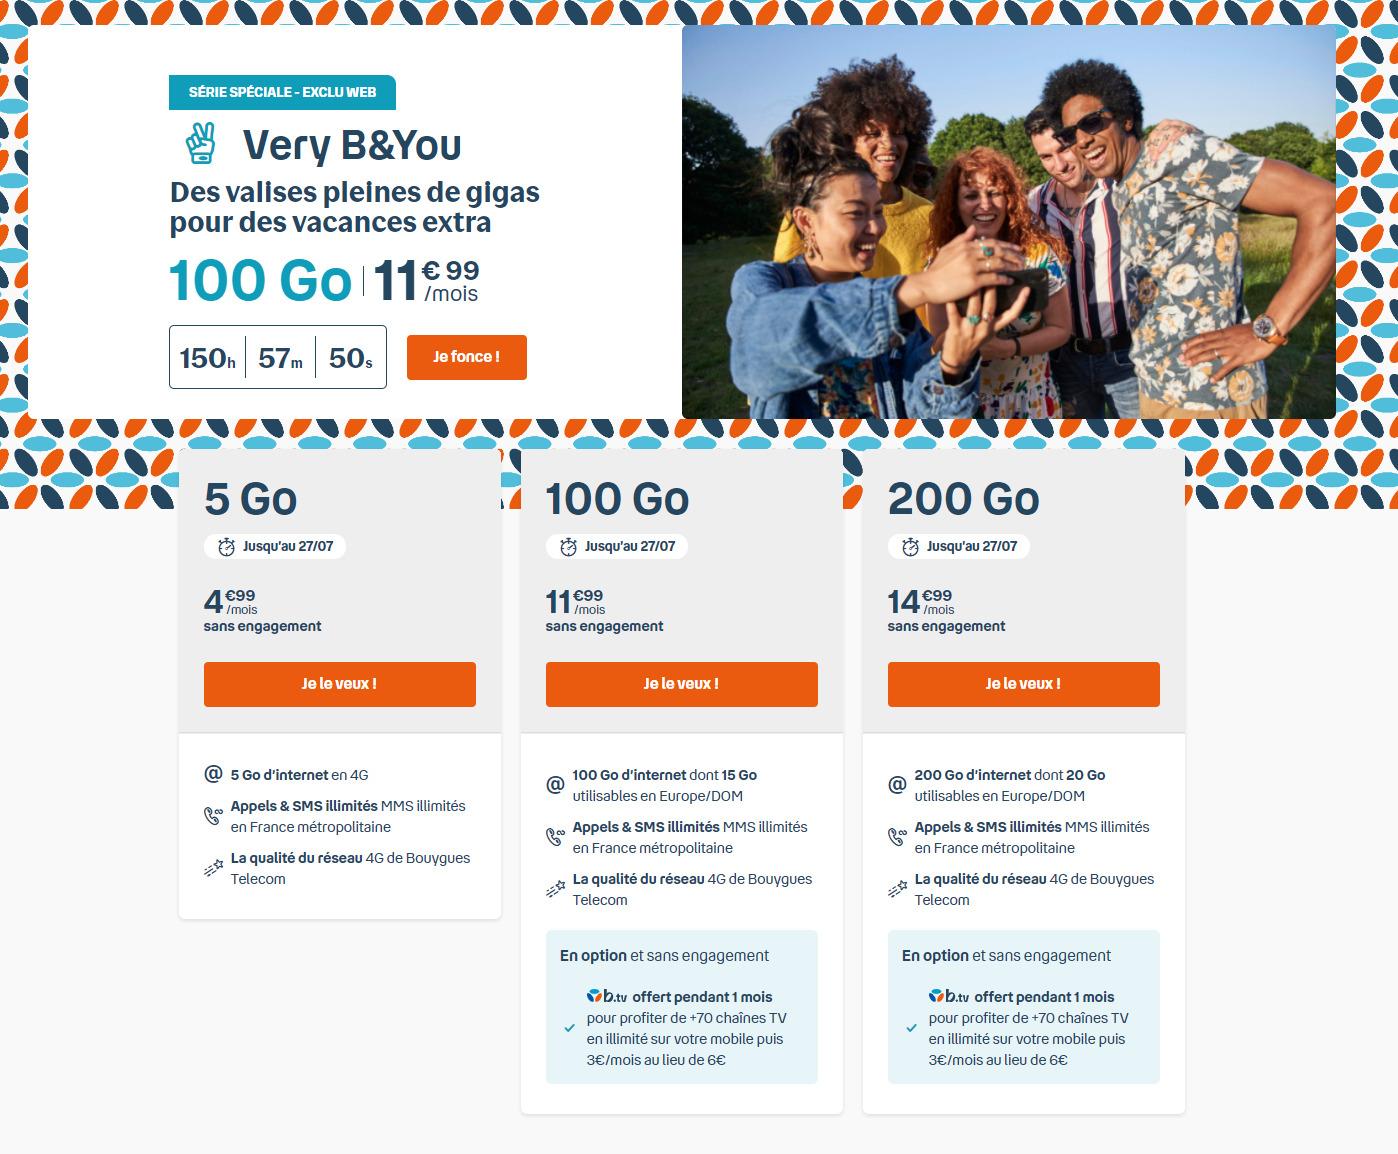 B&You : 100 Go de 4G pour 11,99 euros par mois, c'est le forfait du moment